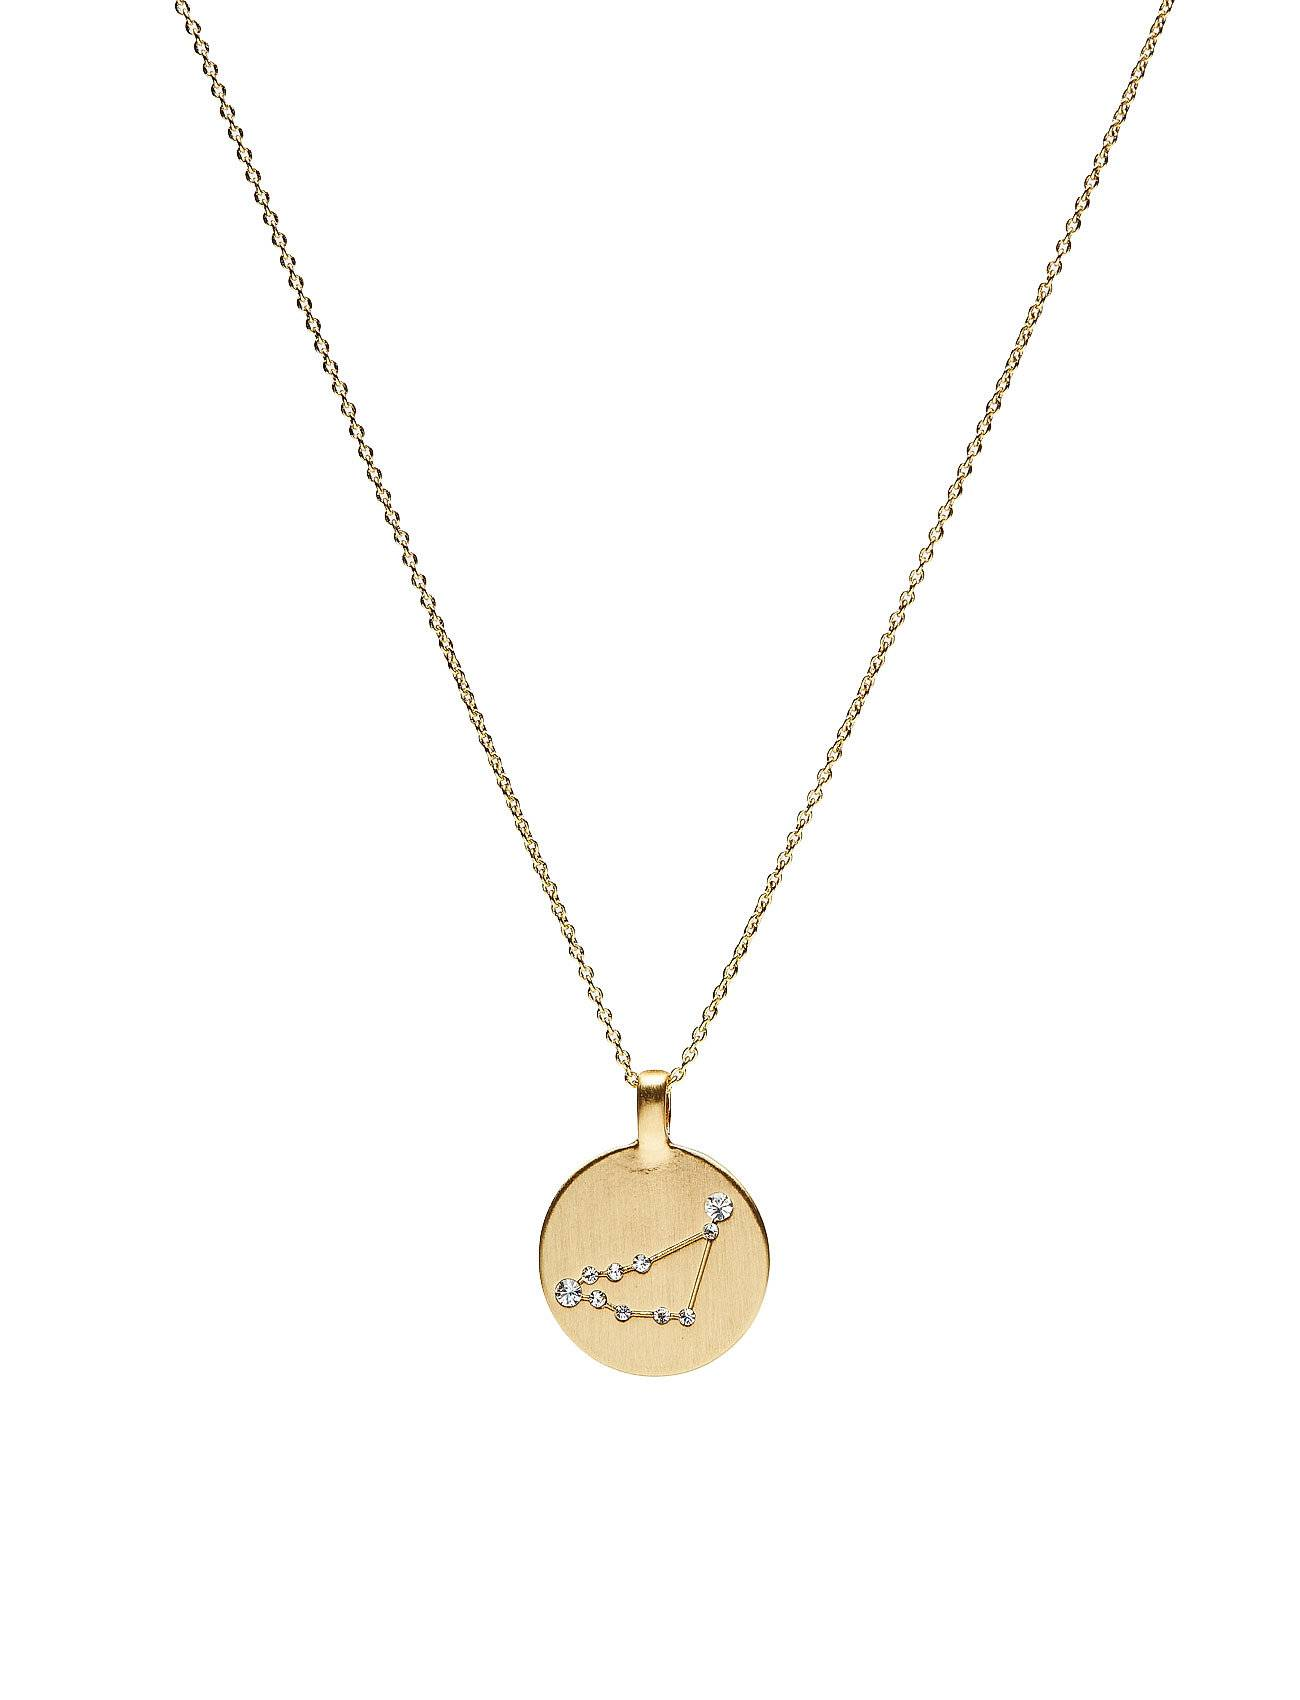 Pilgrim Necklace - Capricorn Accessories Jewellery Necklaces Dainty Necklaces Kulta Pilgrim